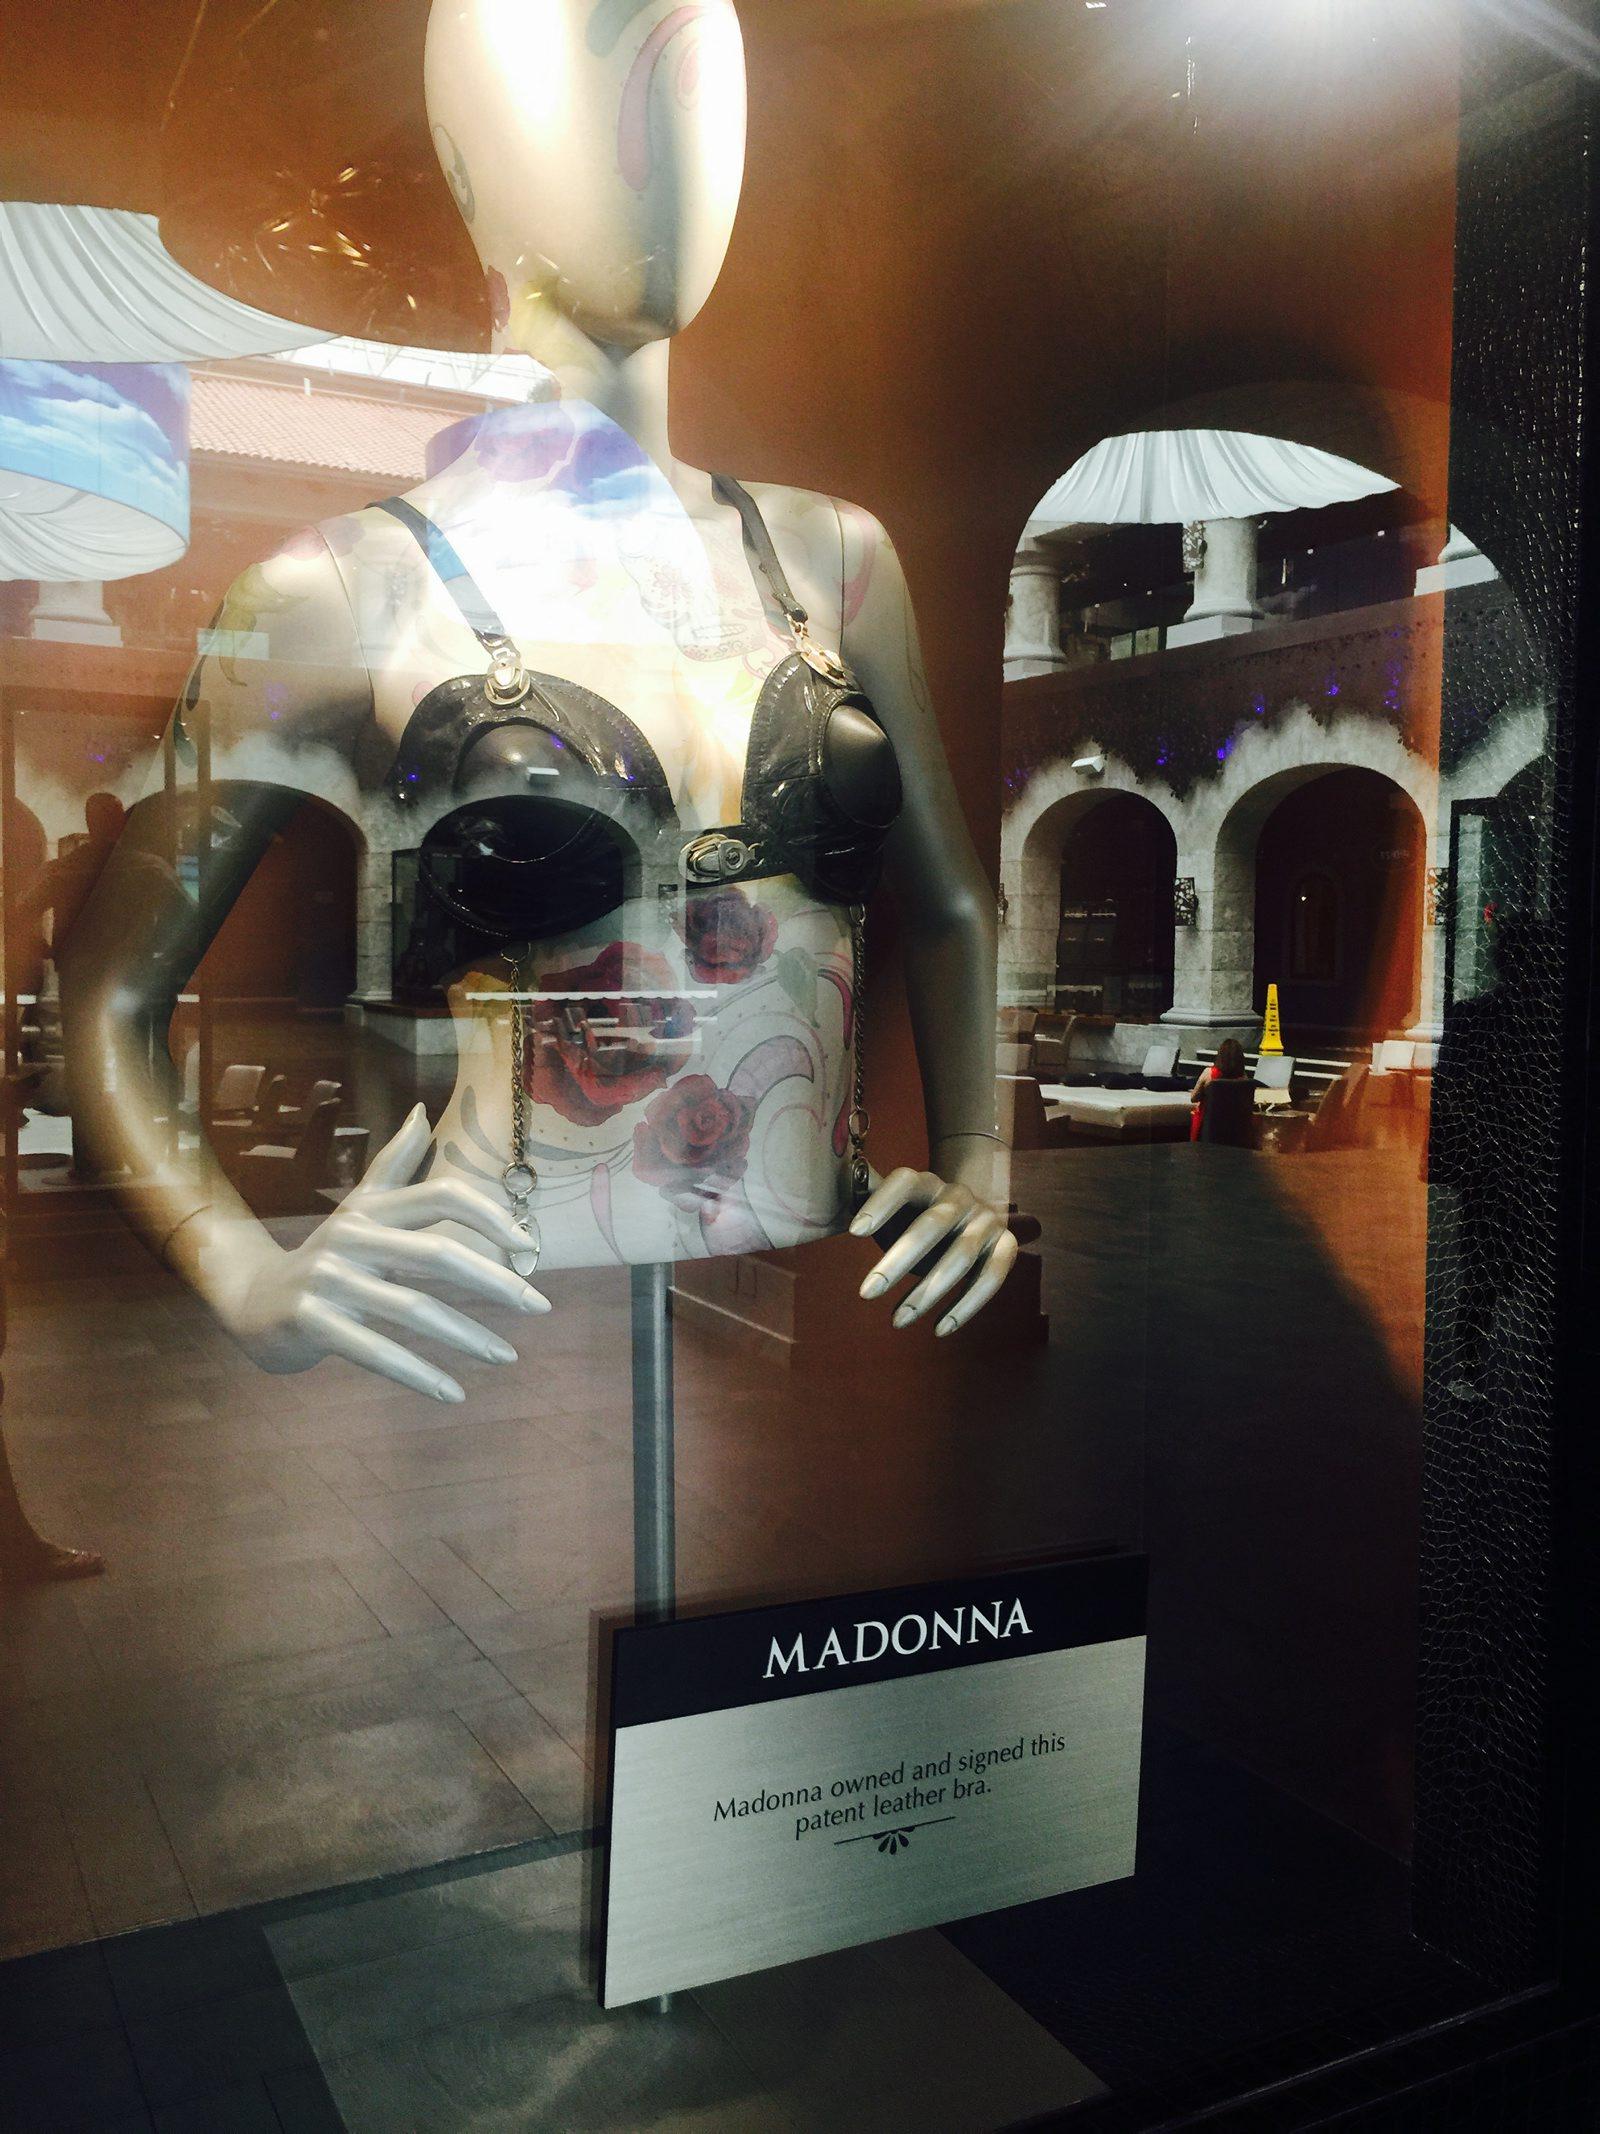 60627188. Playa del Carmen, QRoo., 27 Jun. 2016 (Notimex-Armando Pereda).- Más de 350 piezas y artículos que pertenecieron a Elvis Presley, Madonna, Prince, The Beatles, Elton John, Slash, Shakira, Fergie, Will.i.am y más celebridades, conforman la memorabilia del Hard Rock Hotel de la Riviera Maya. NOTIMEX/FOTO/ARMANDO PEREDA/COR/ACE/